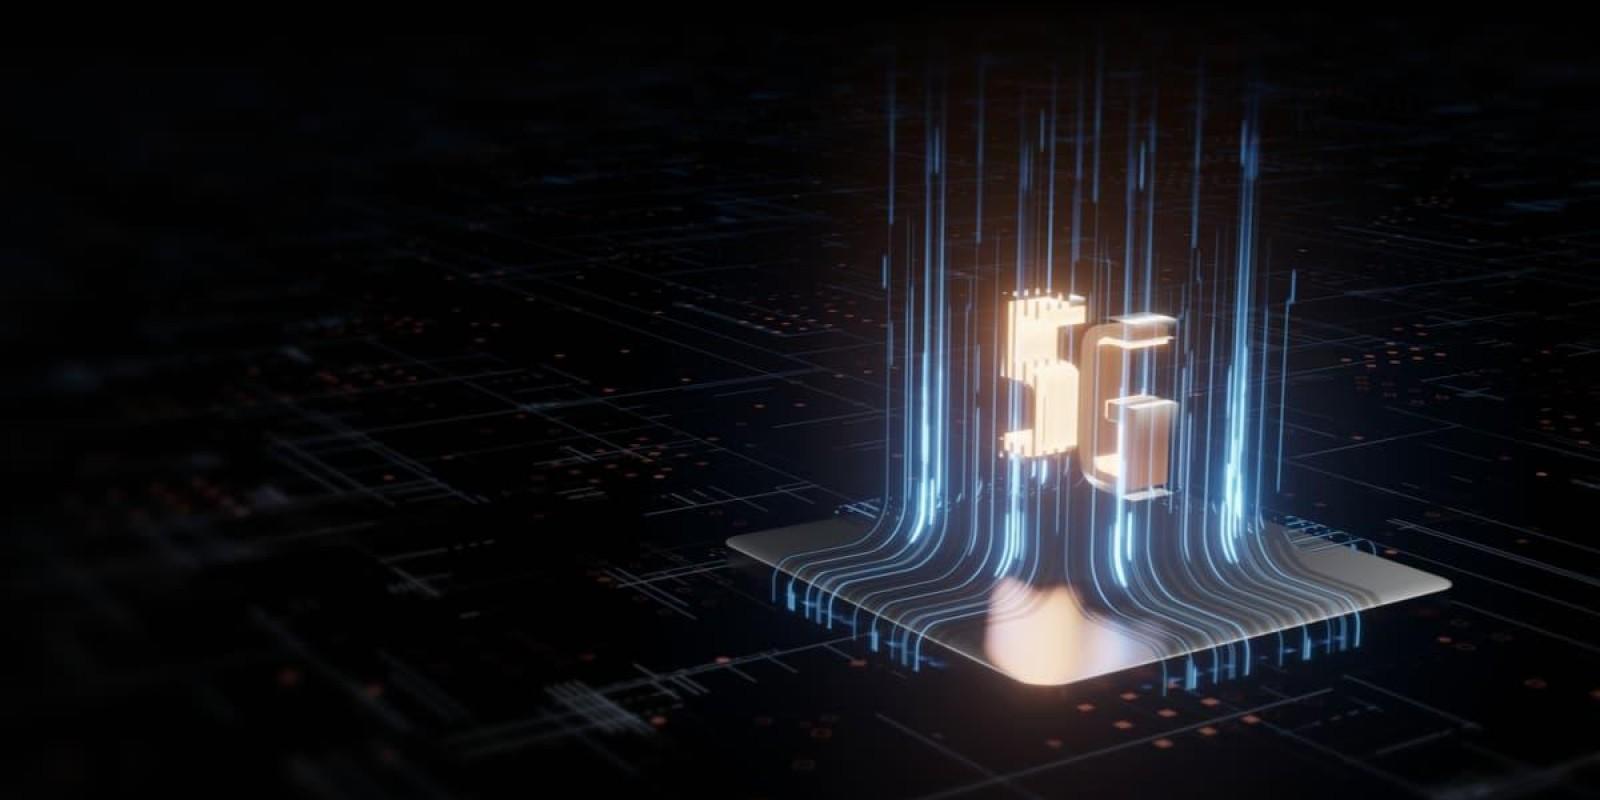 Quais as implicações do 5G para a cibersegurança?